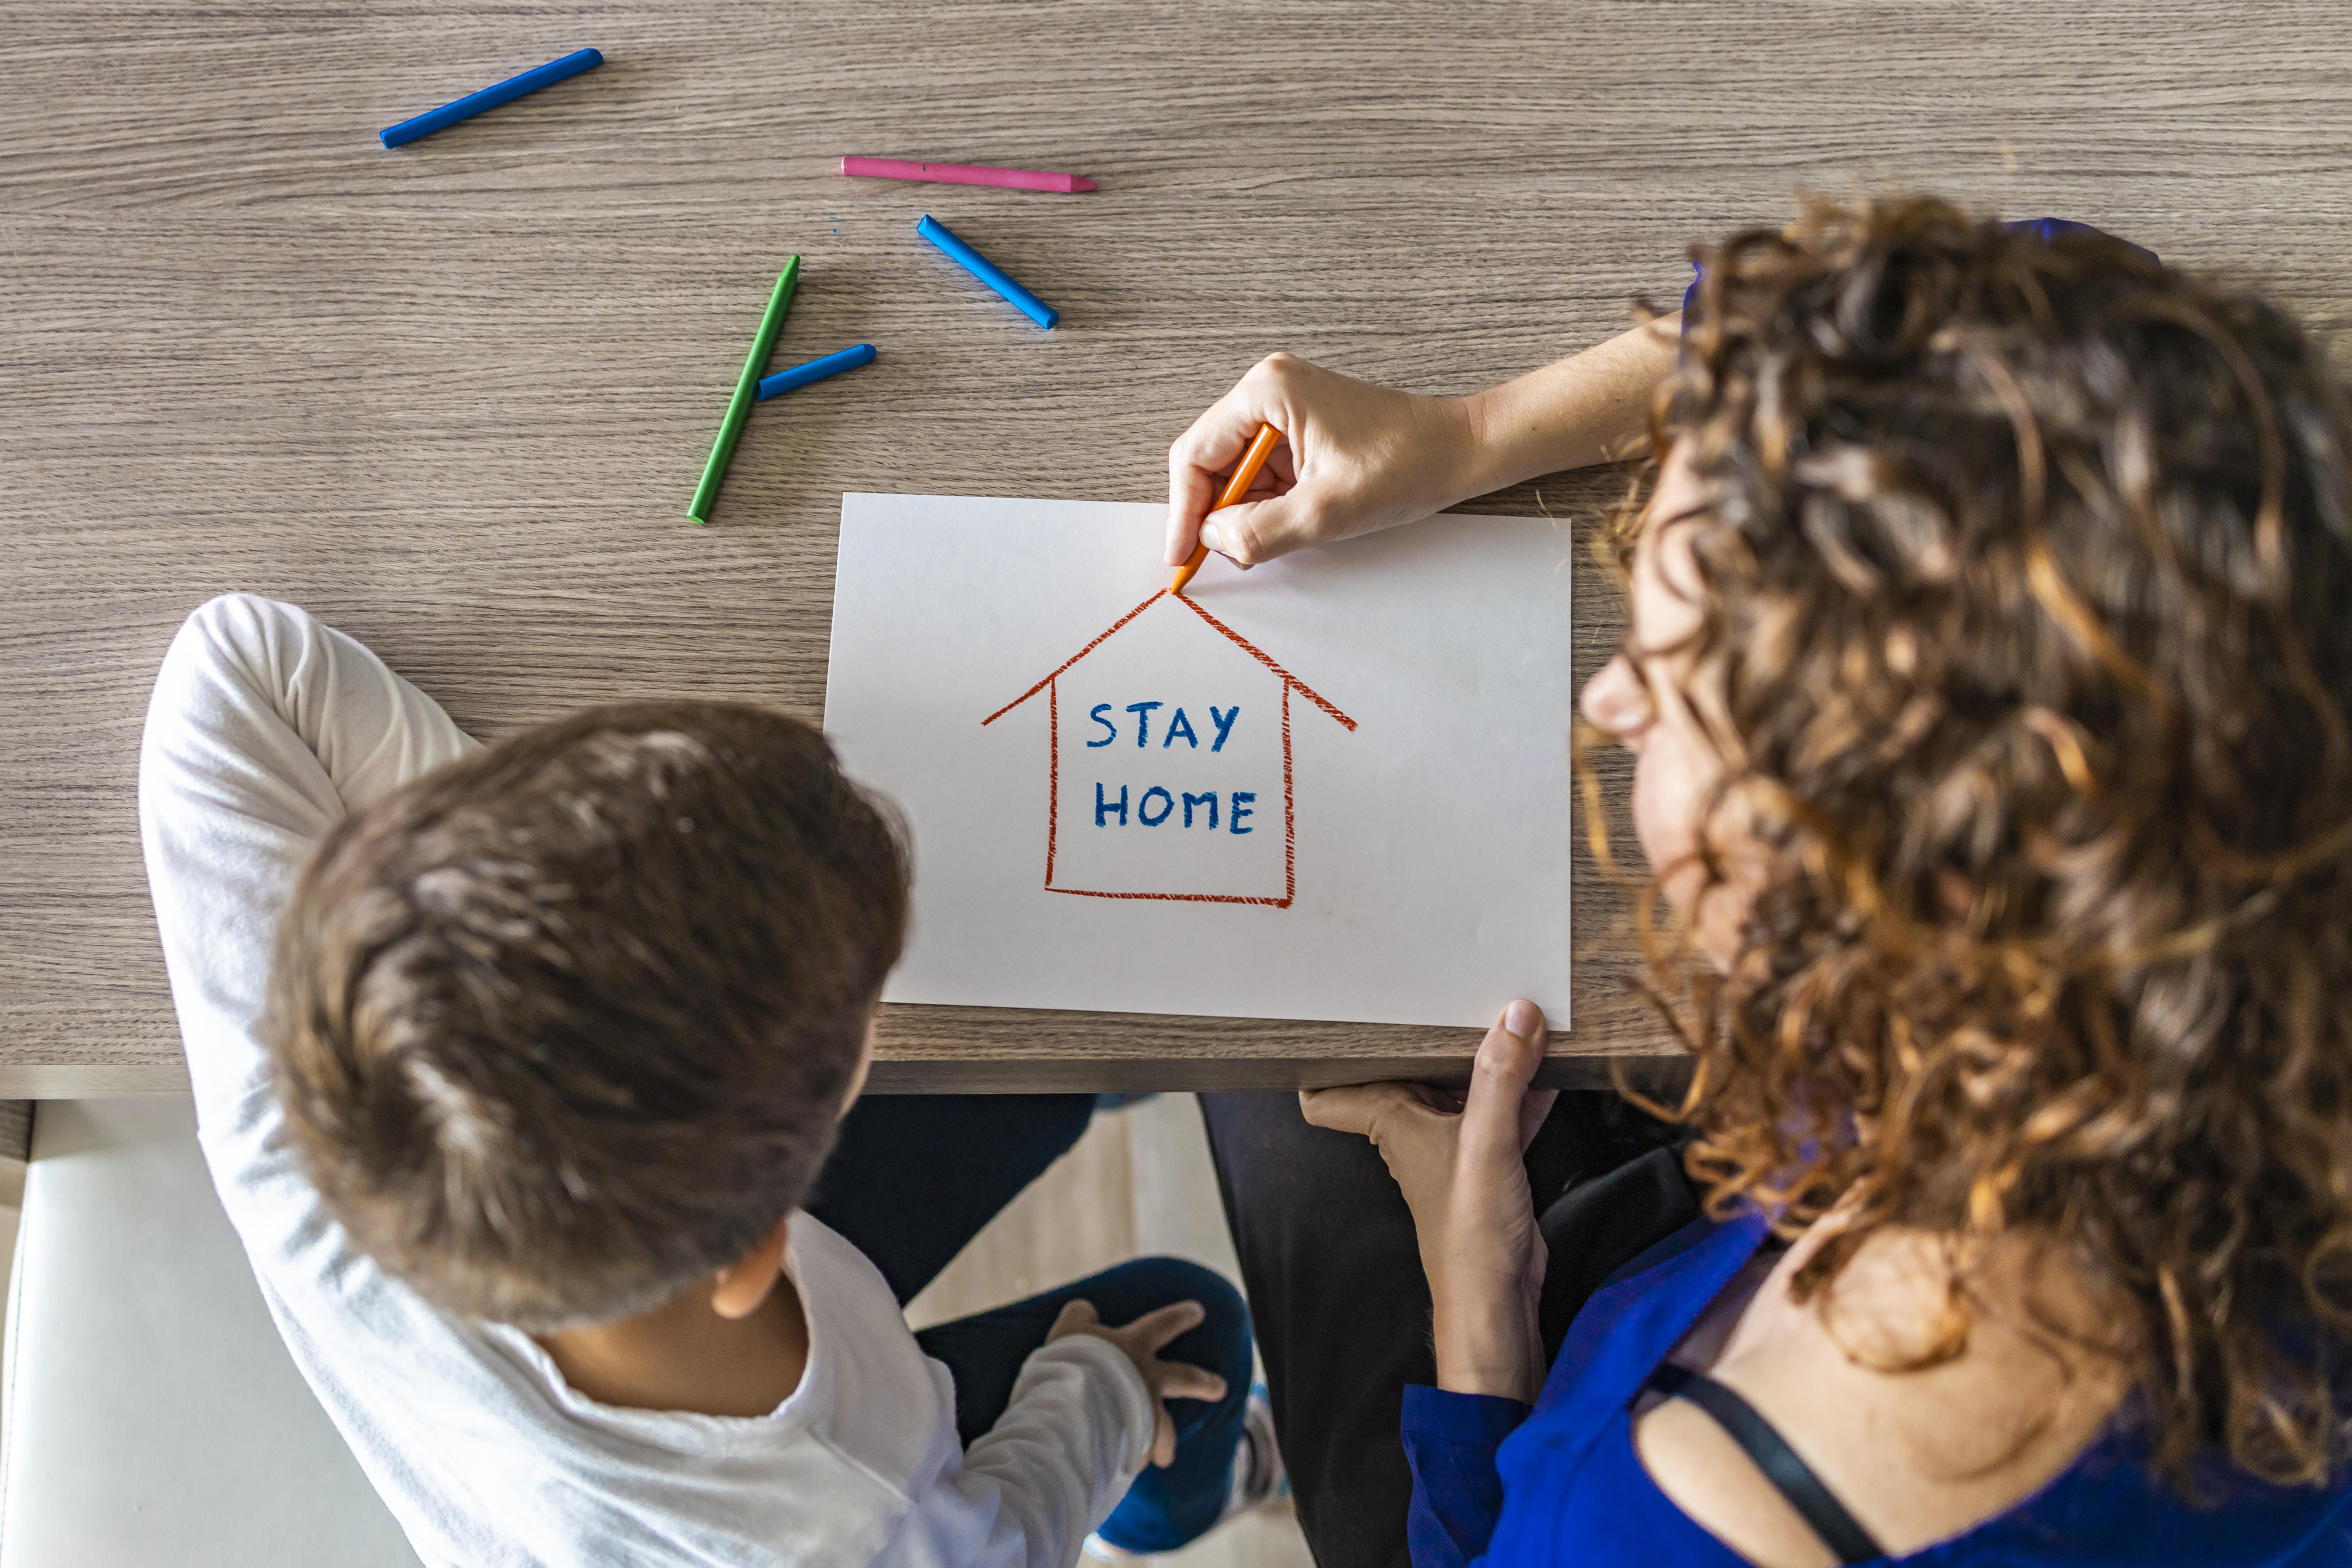 Children and coronavirus tips